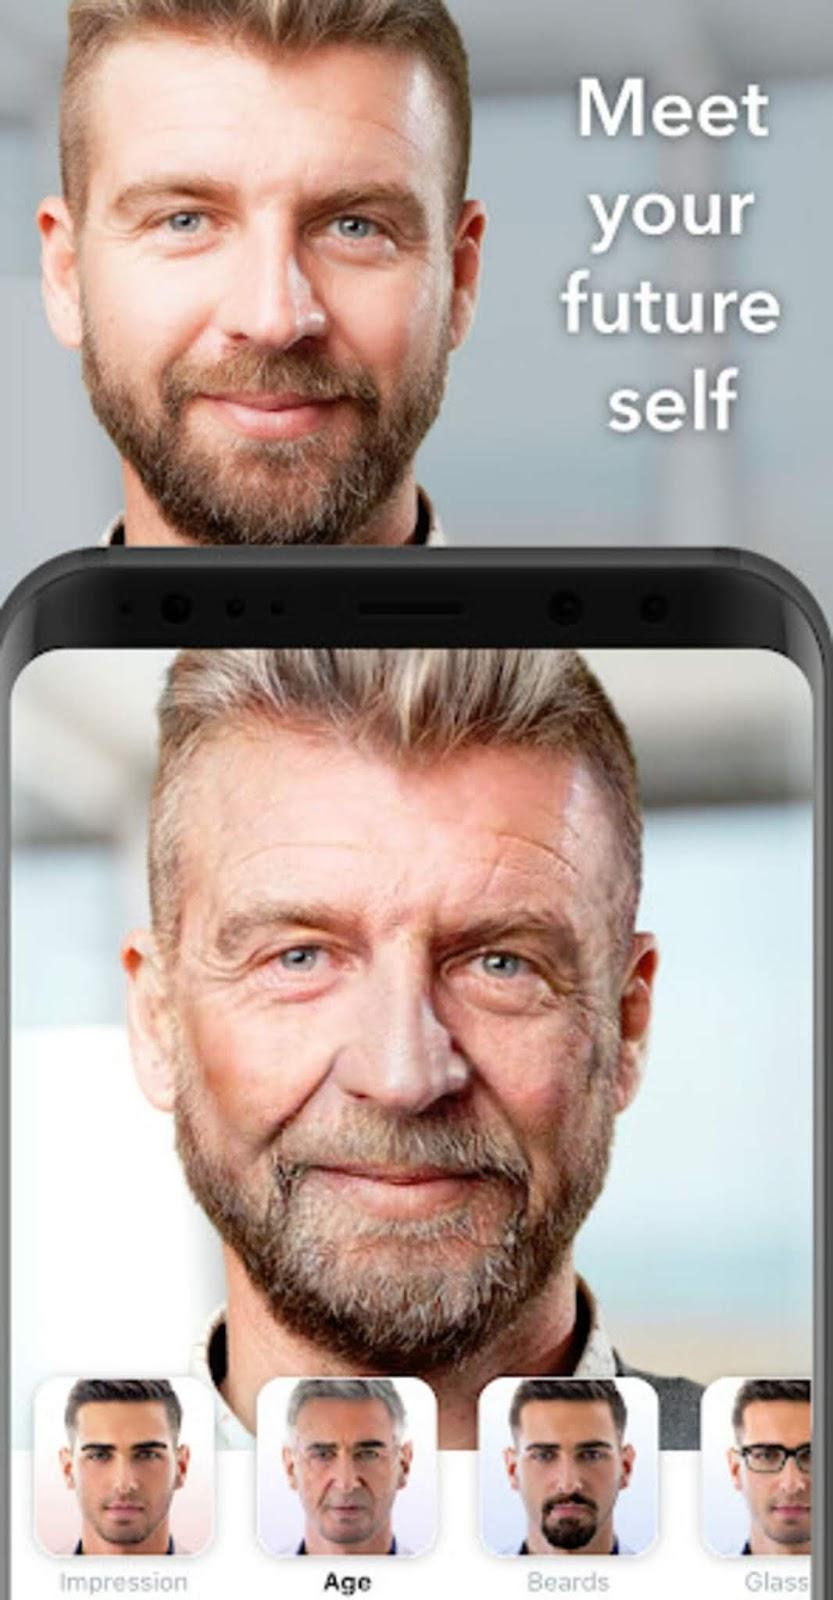 تنزيل برنامج تغير ملامحي الى رجل كبير مسن وتغير الصور التي في هاتفك ايضاً